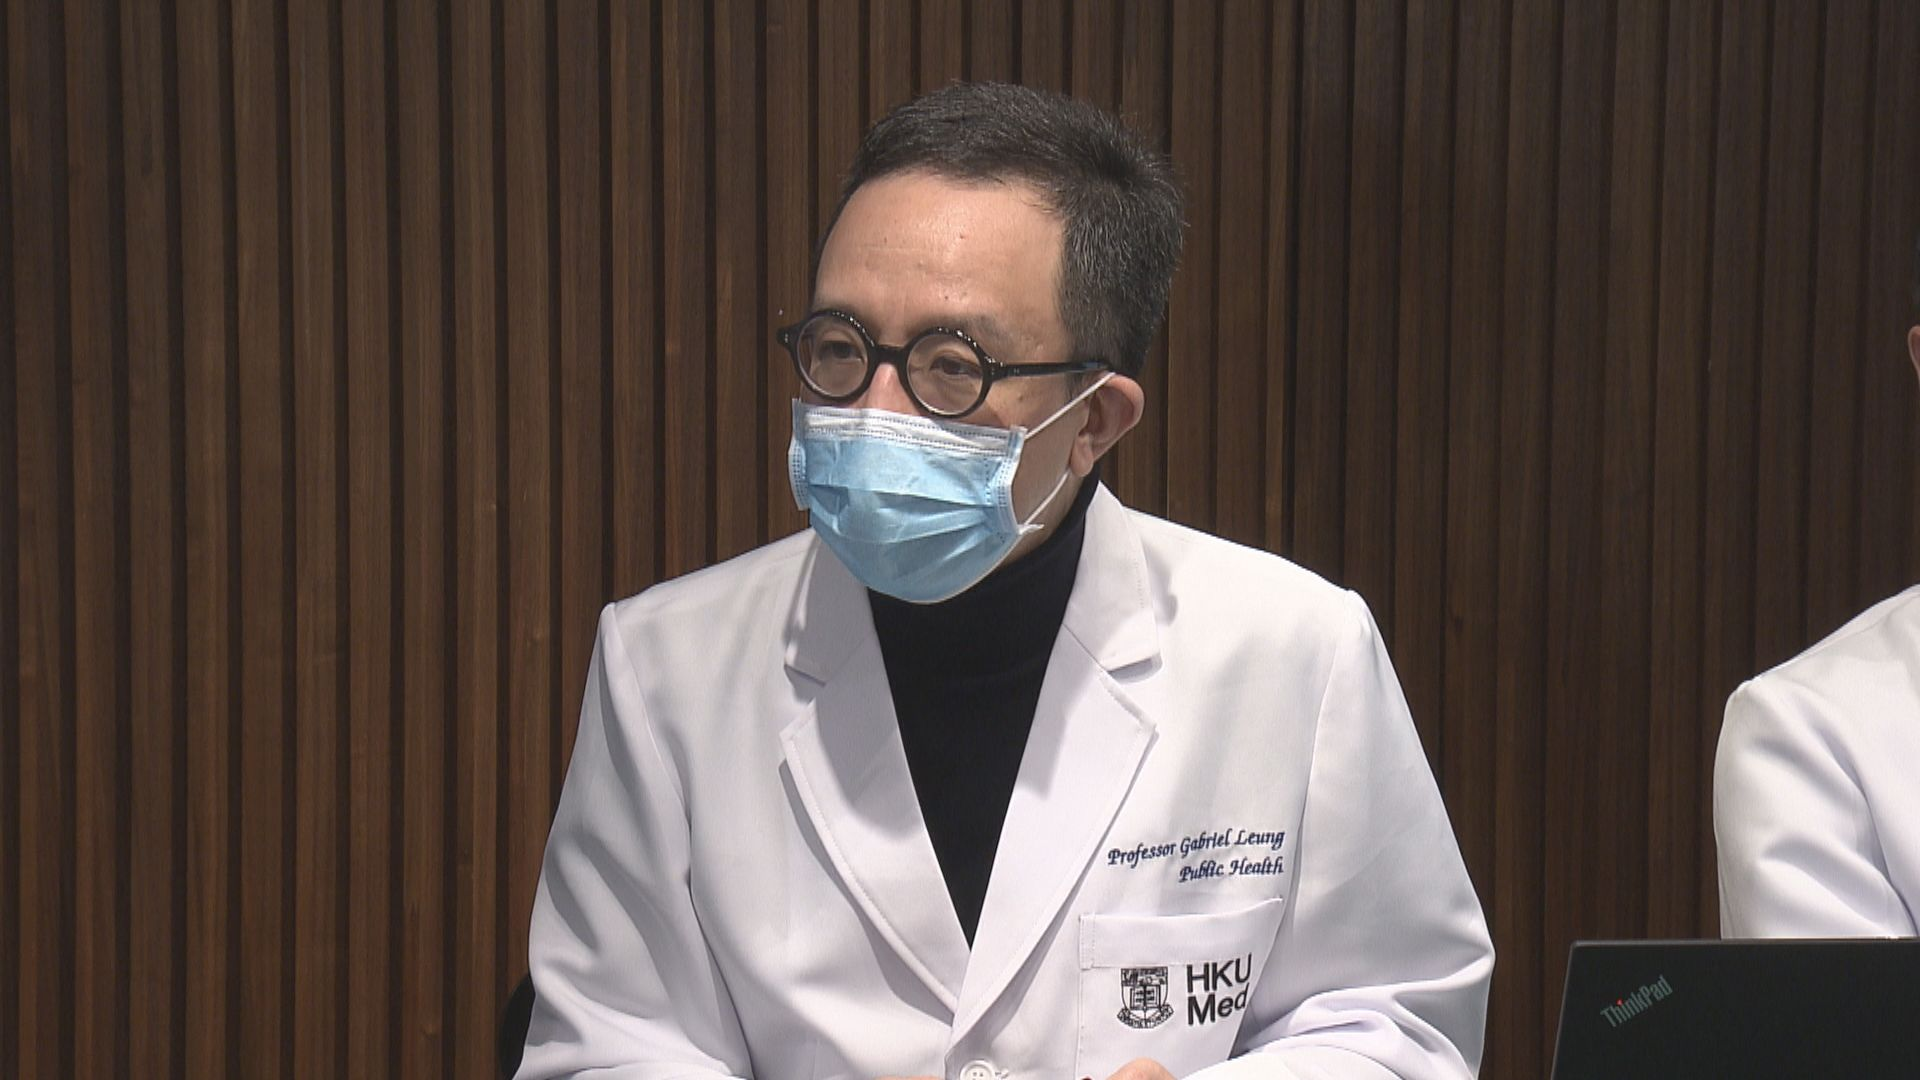 梁卓偉:全球至少有一半人免疫才有效阻止病毒蔓延